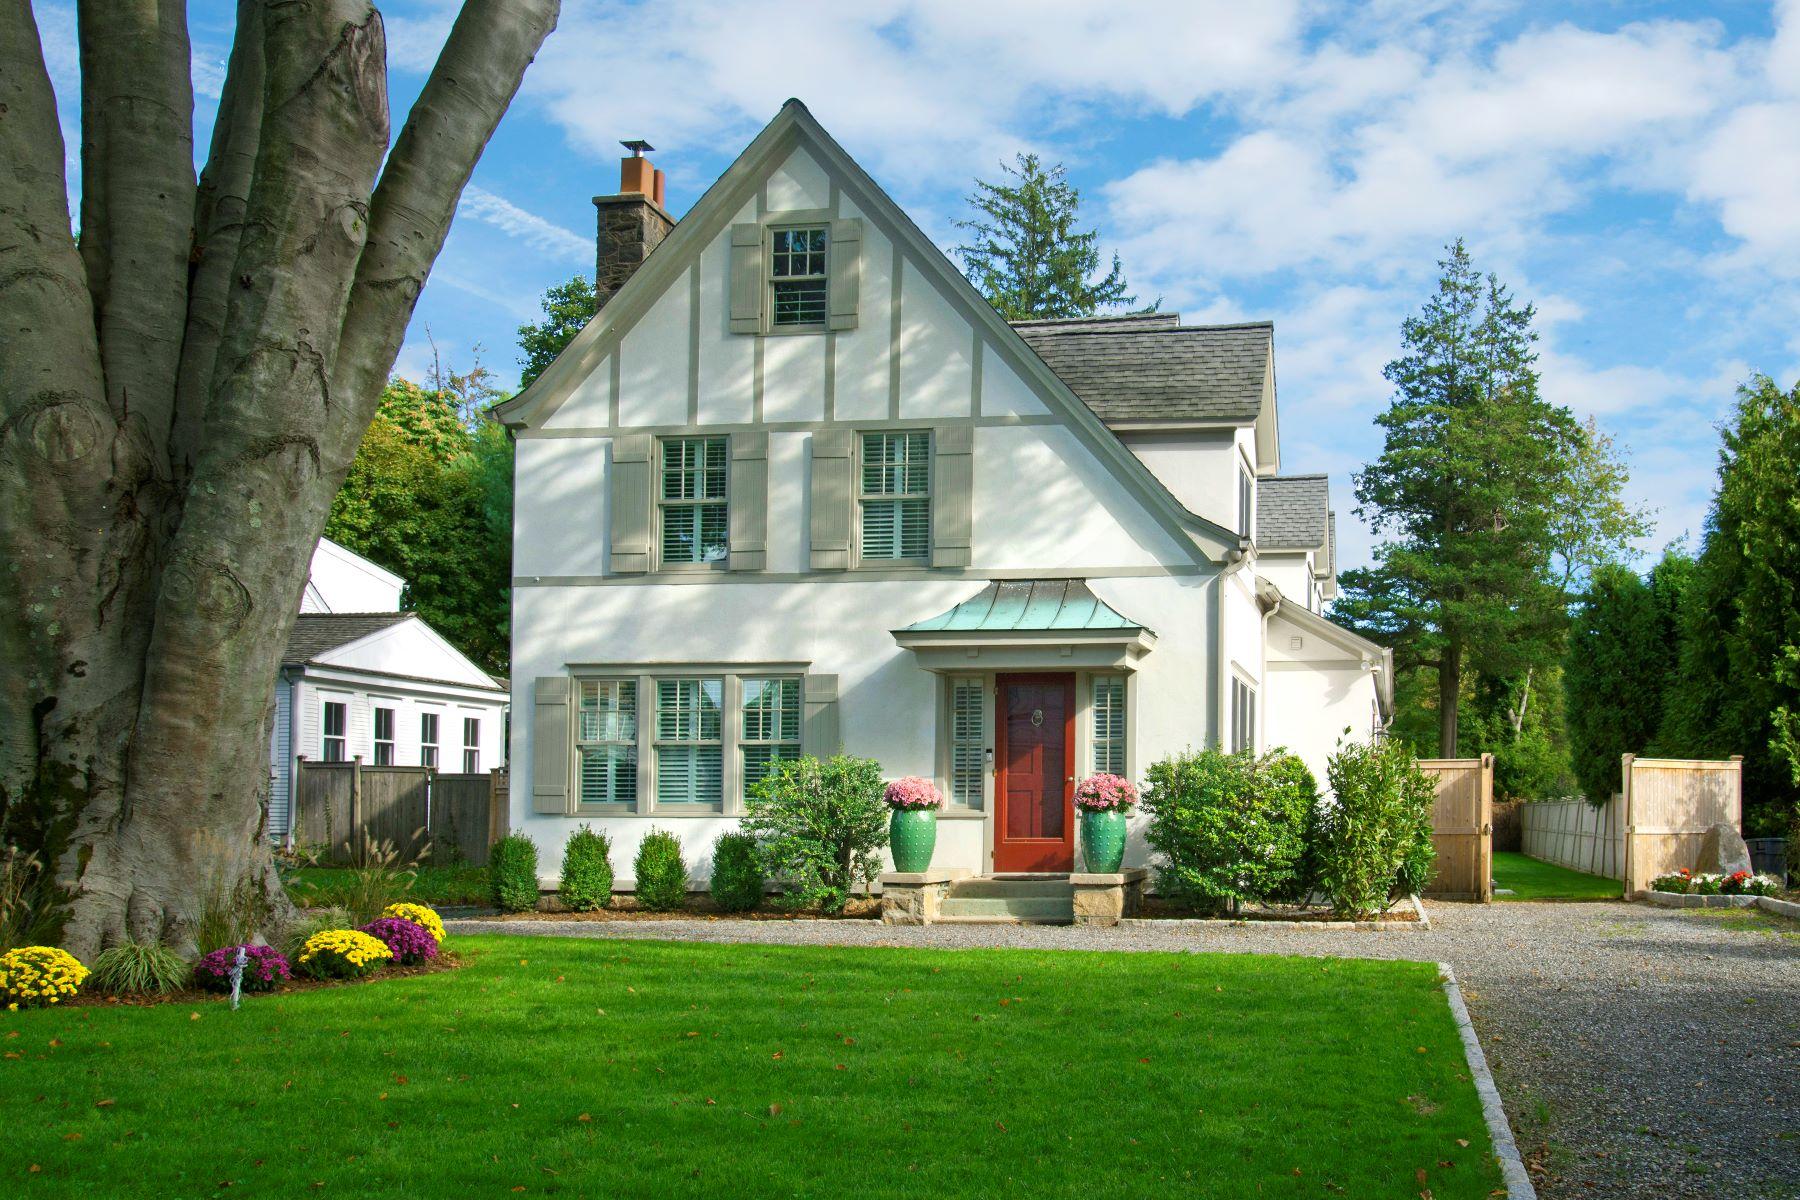 Single Family Homes for Sale at Rowayton Tudor 66 Highland Avenue Norwalk, Connecticut 06853 United States